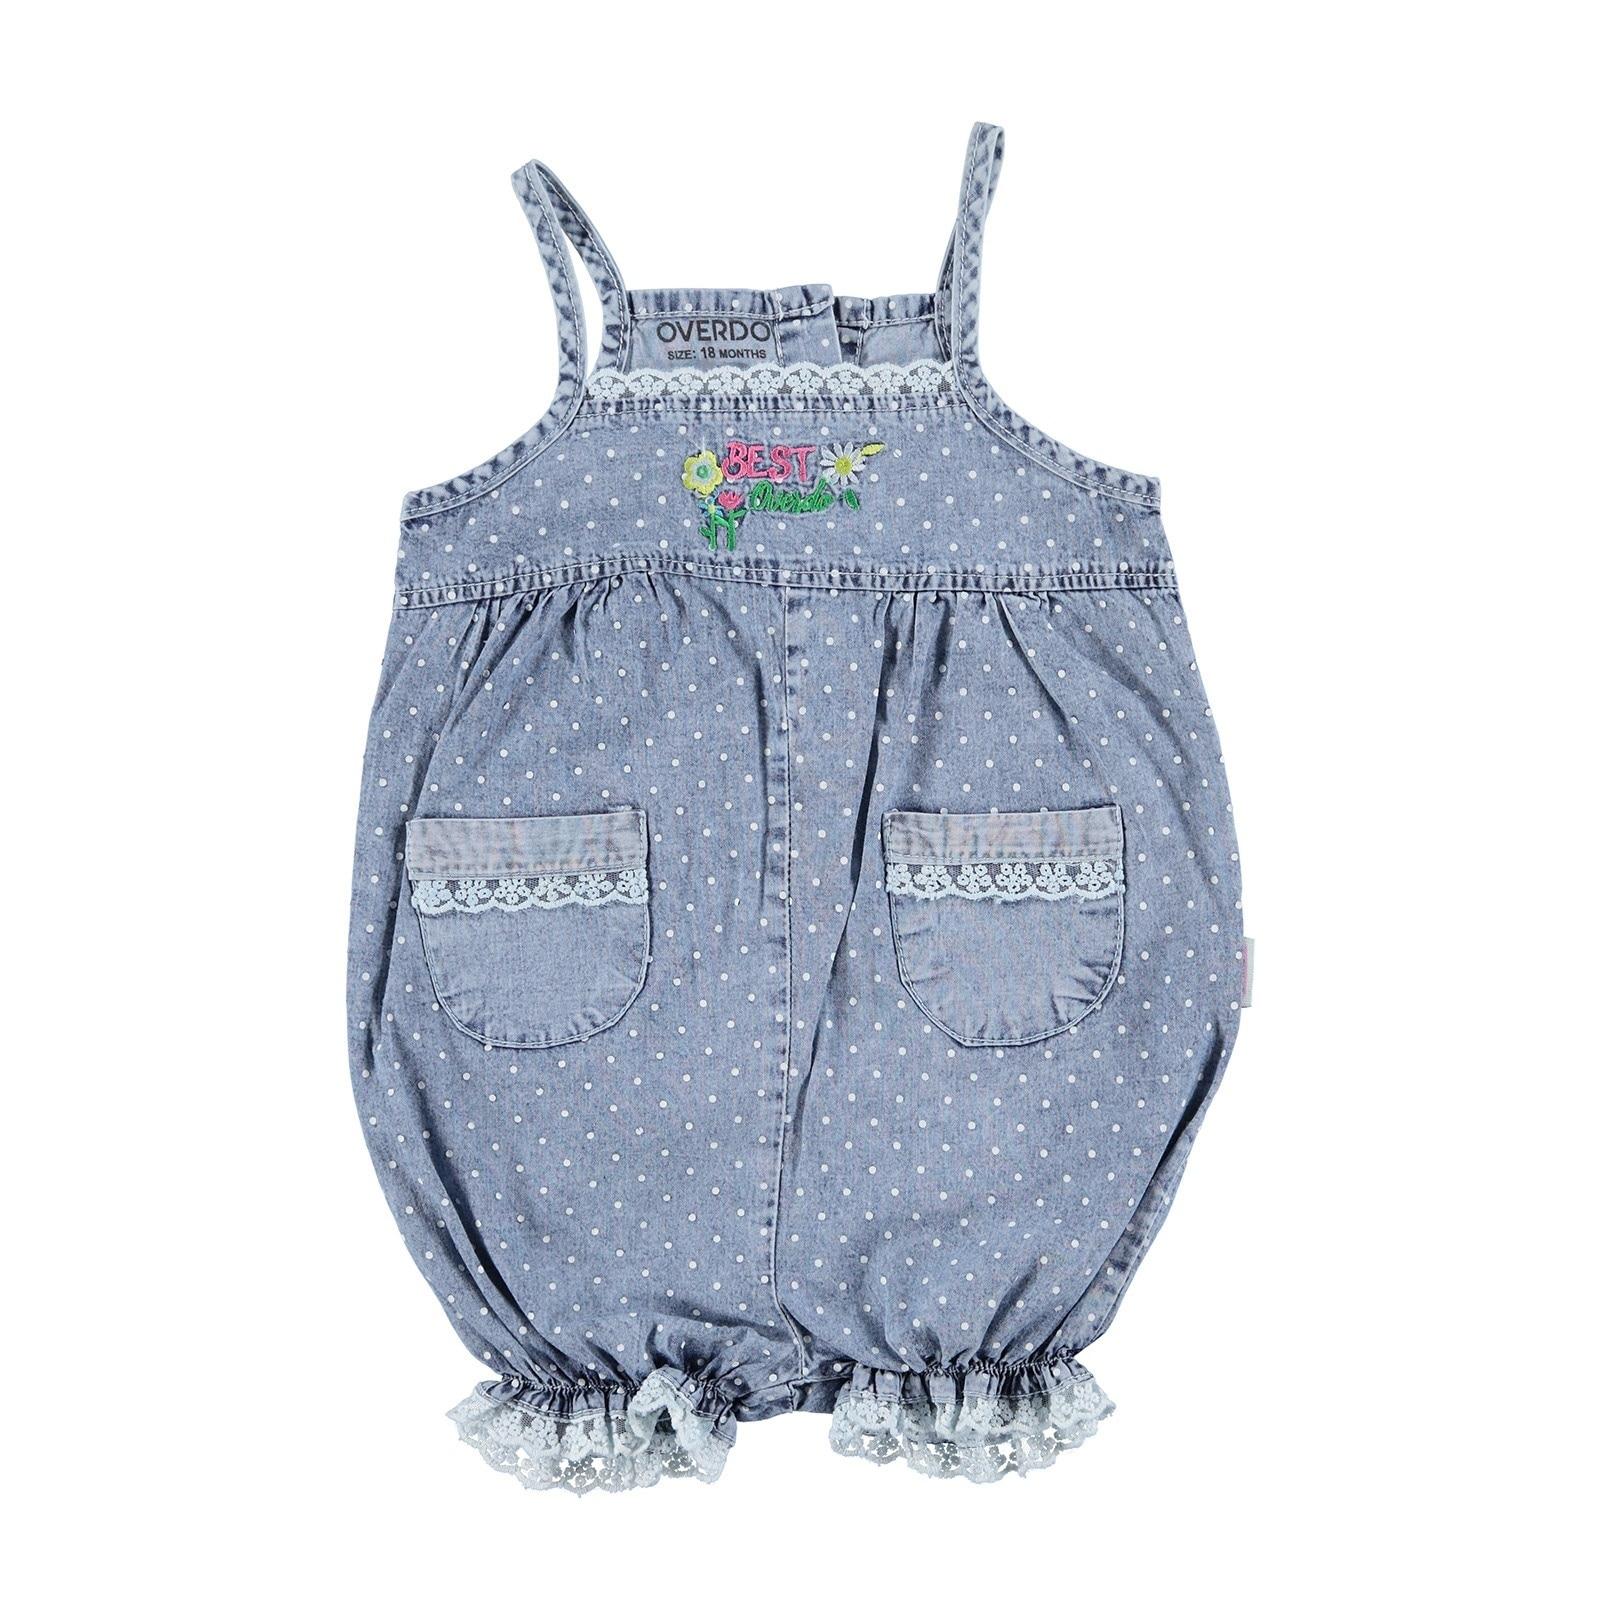 Ebebek Overdo Baby Girl Pocket Detailed Denim Short Romper